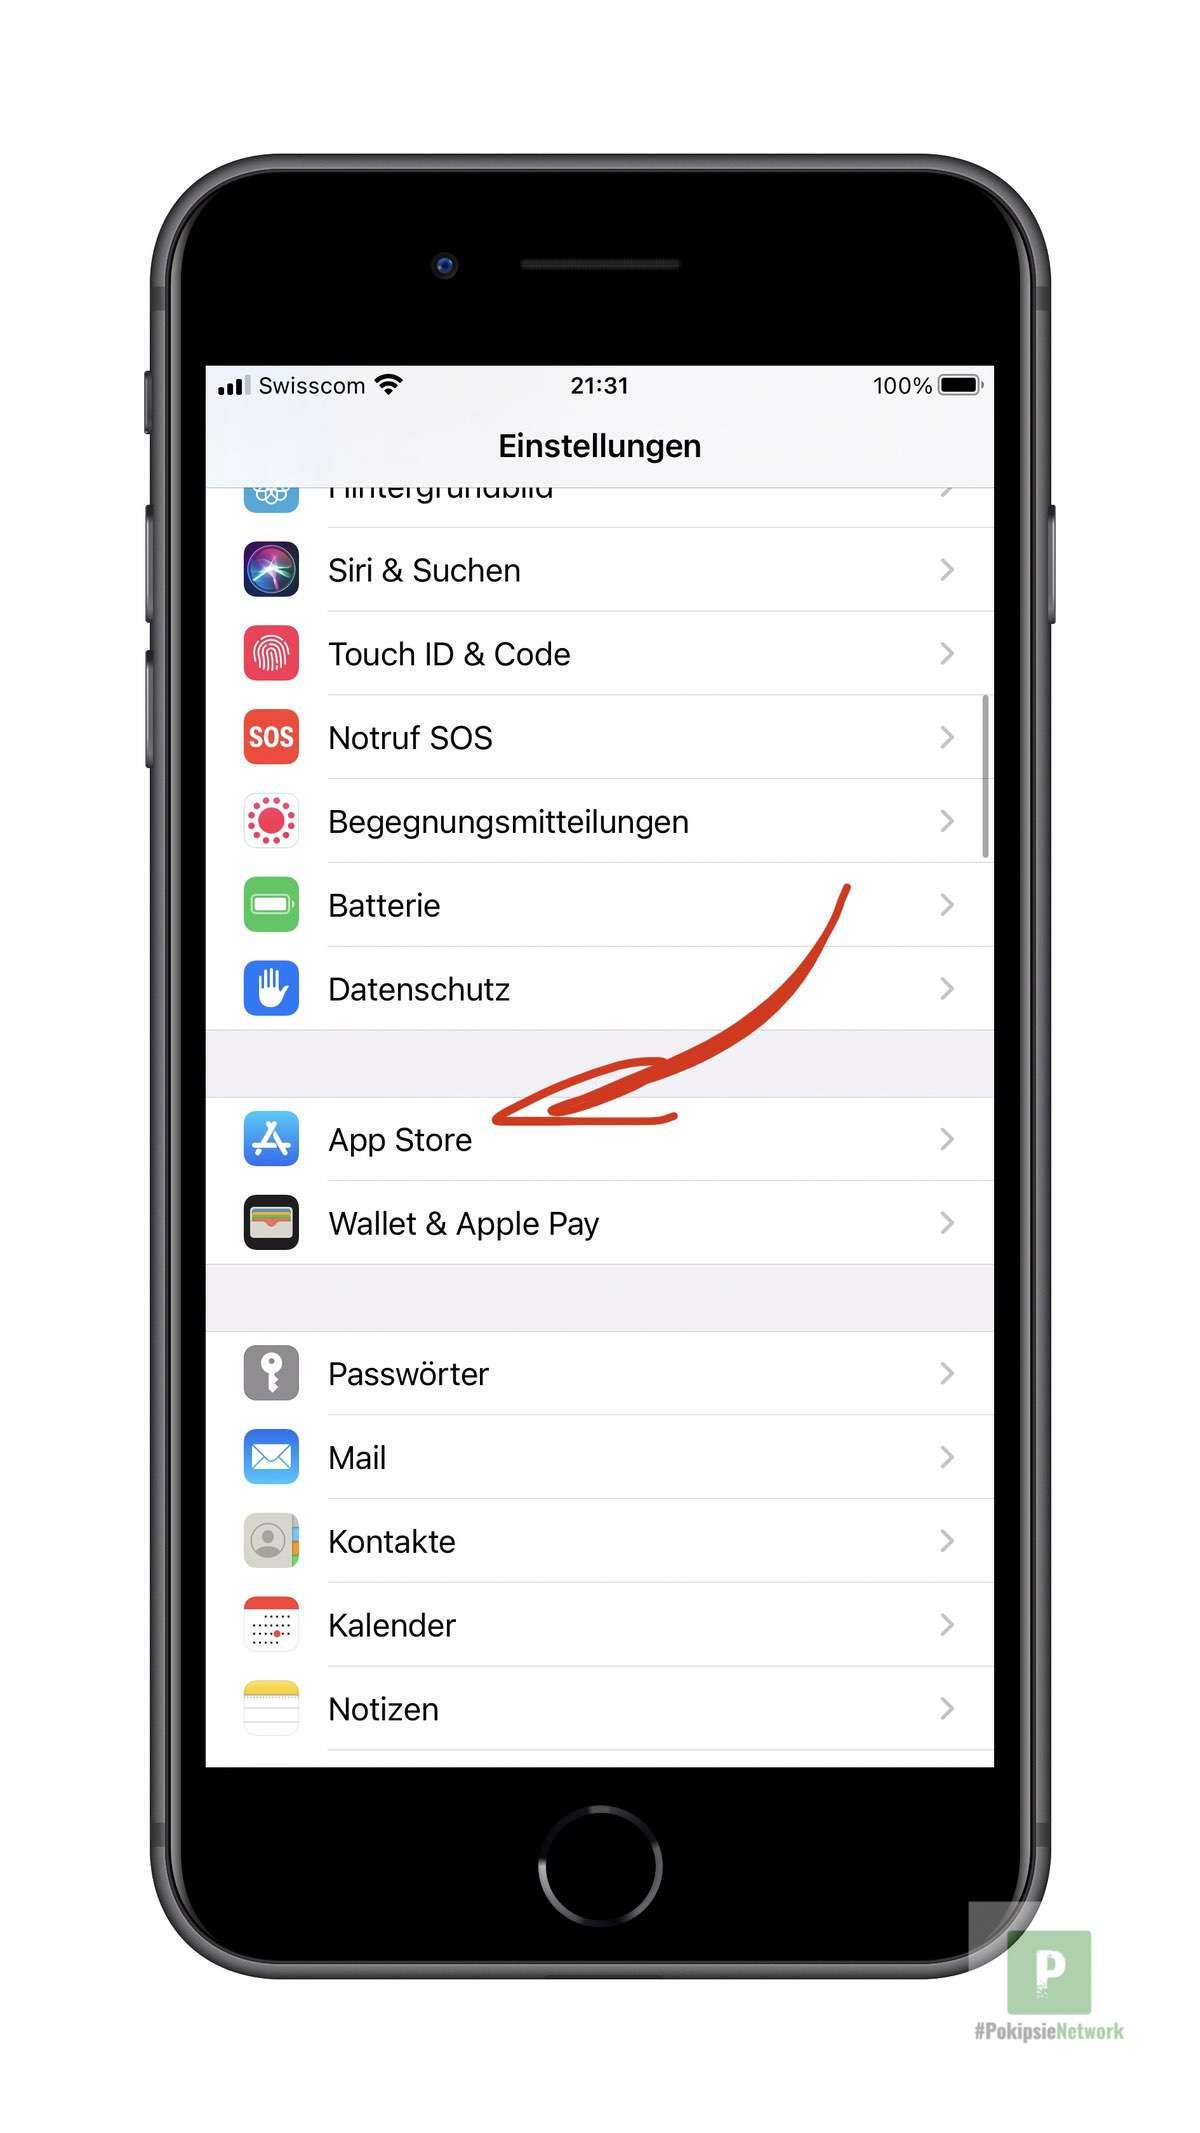 App Store - Einstellungen